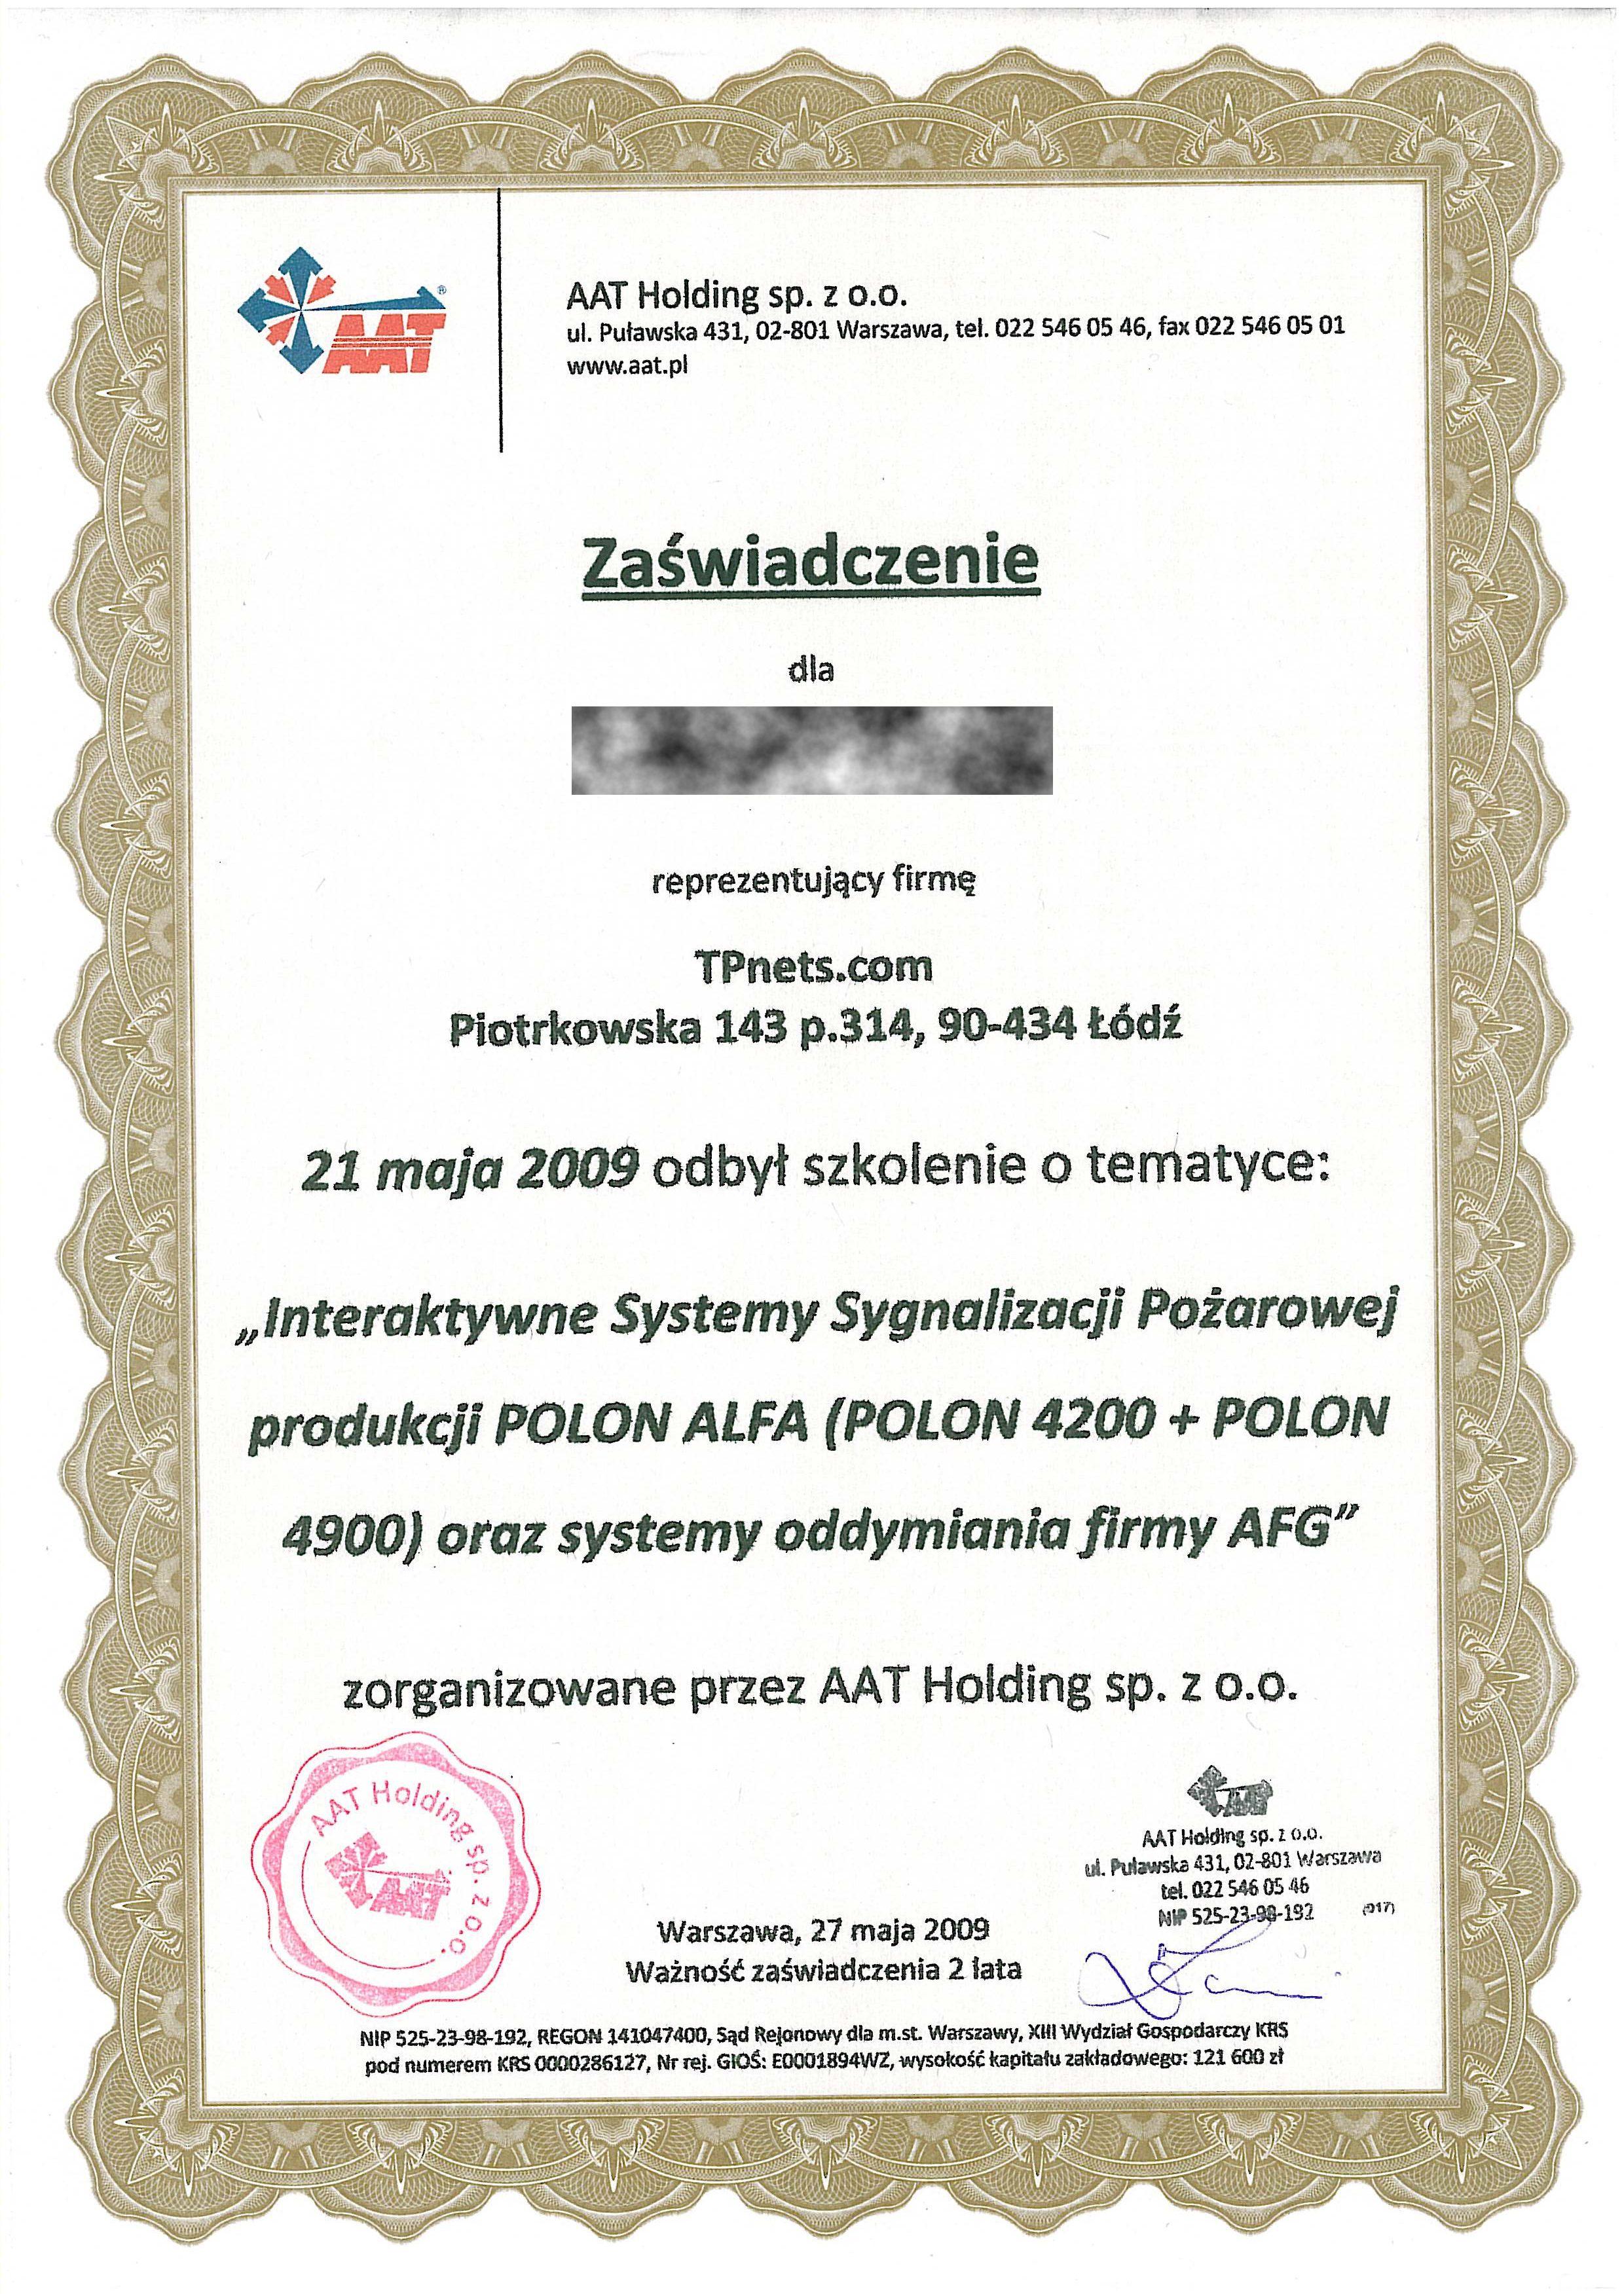 aat_2009_tb_zaswiadczenie_polon4200_polon4900_oddymianie_RODO